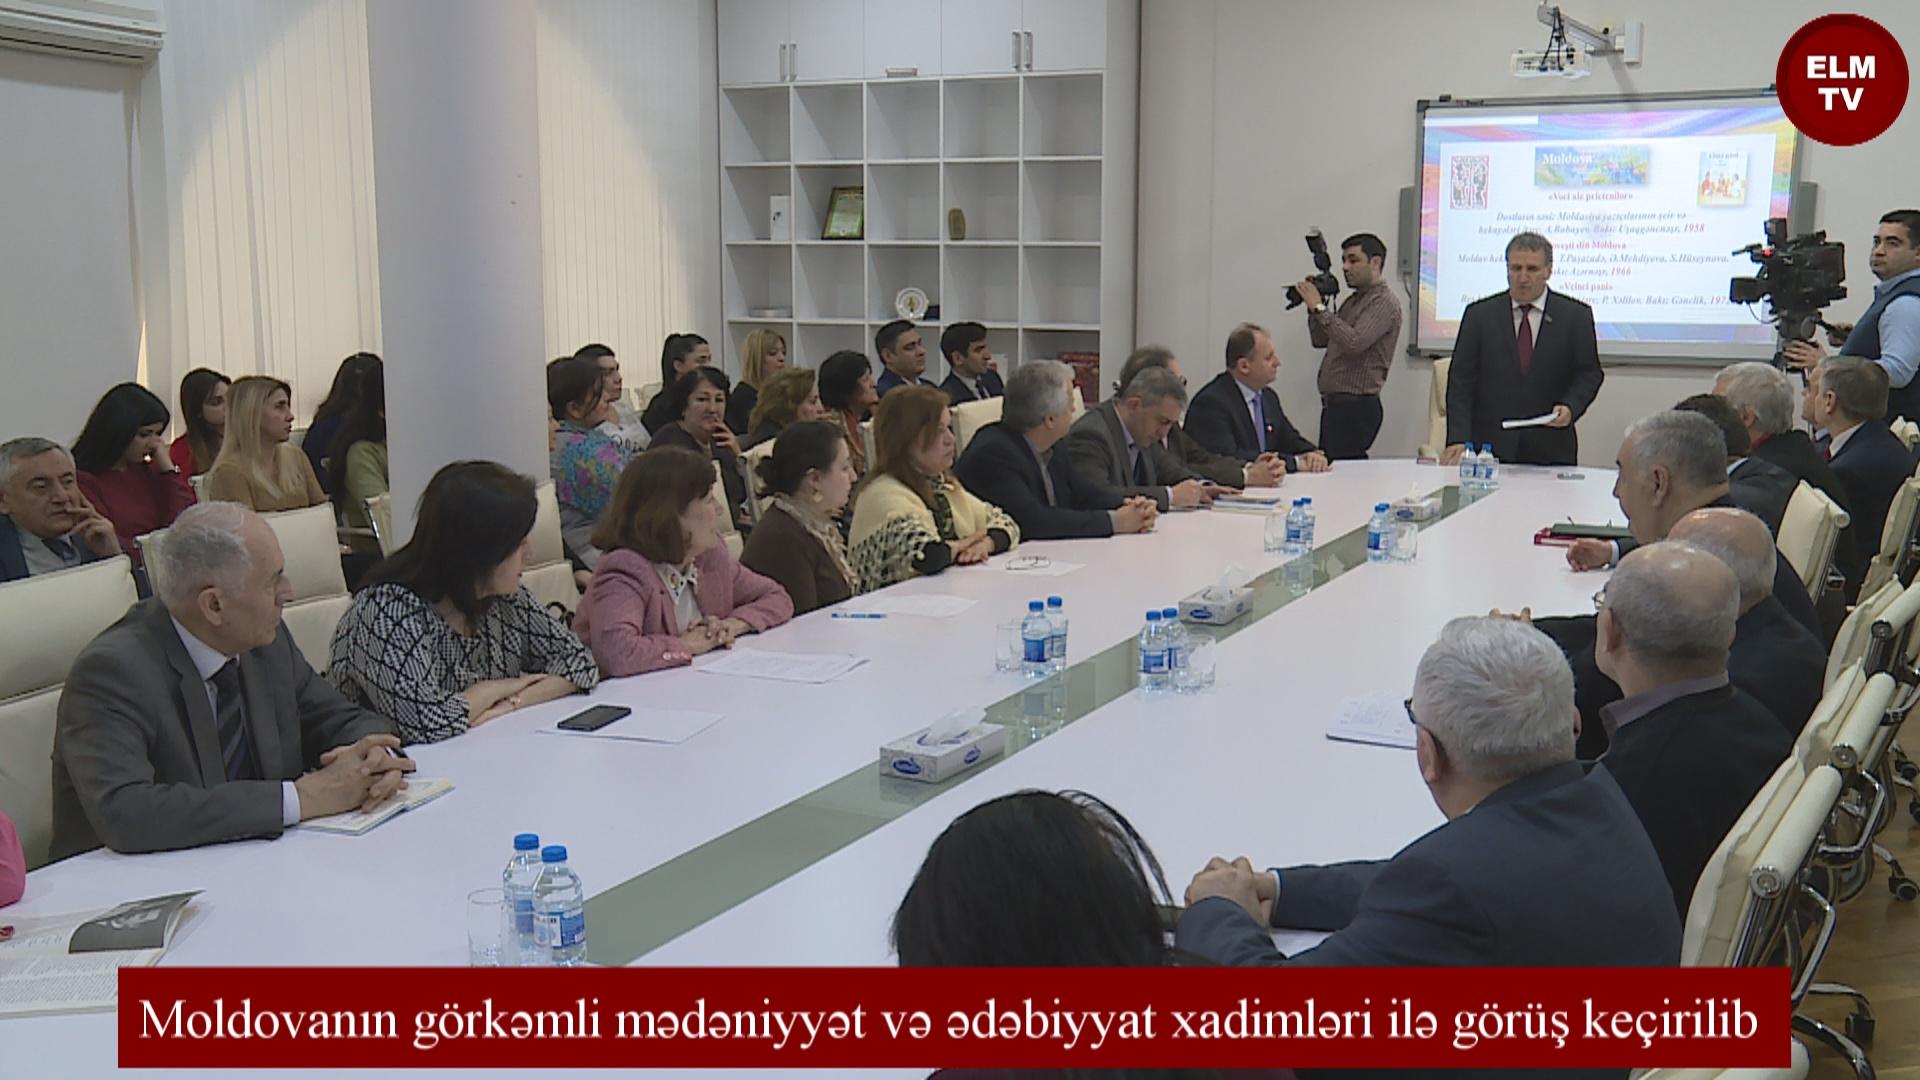 Moldovanın görkəmli mədəniyyət və ədəbiyyat xadimləri ilə görüş keçirilib